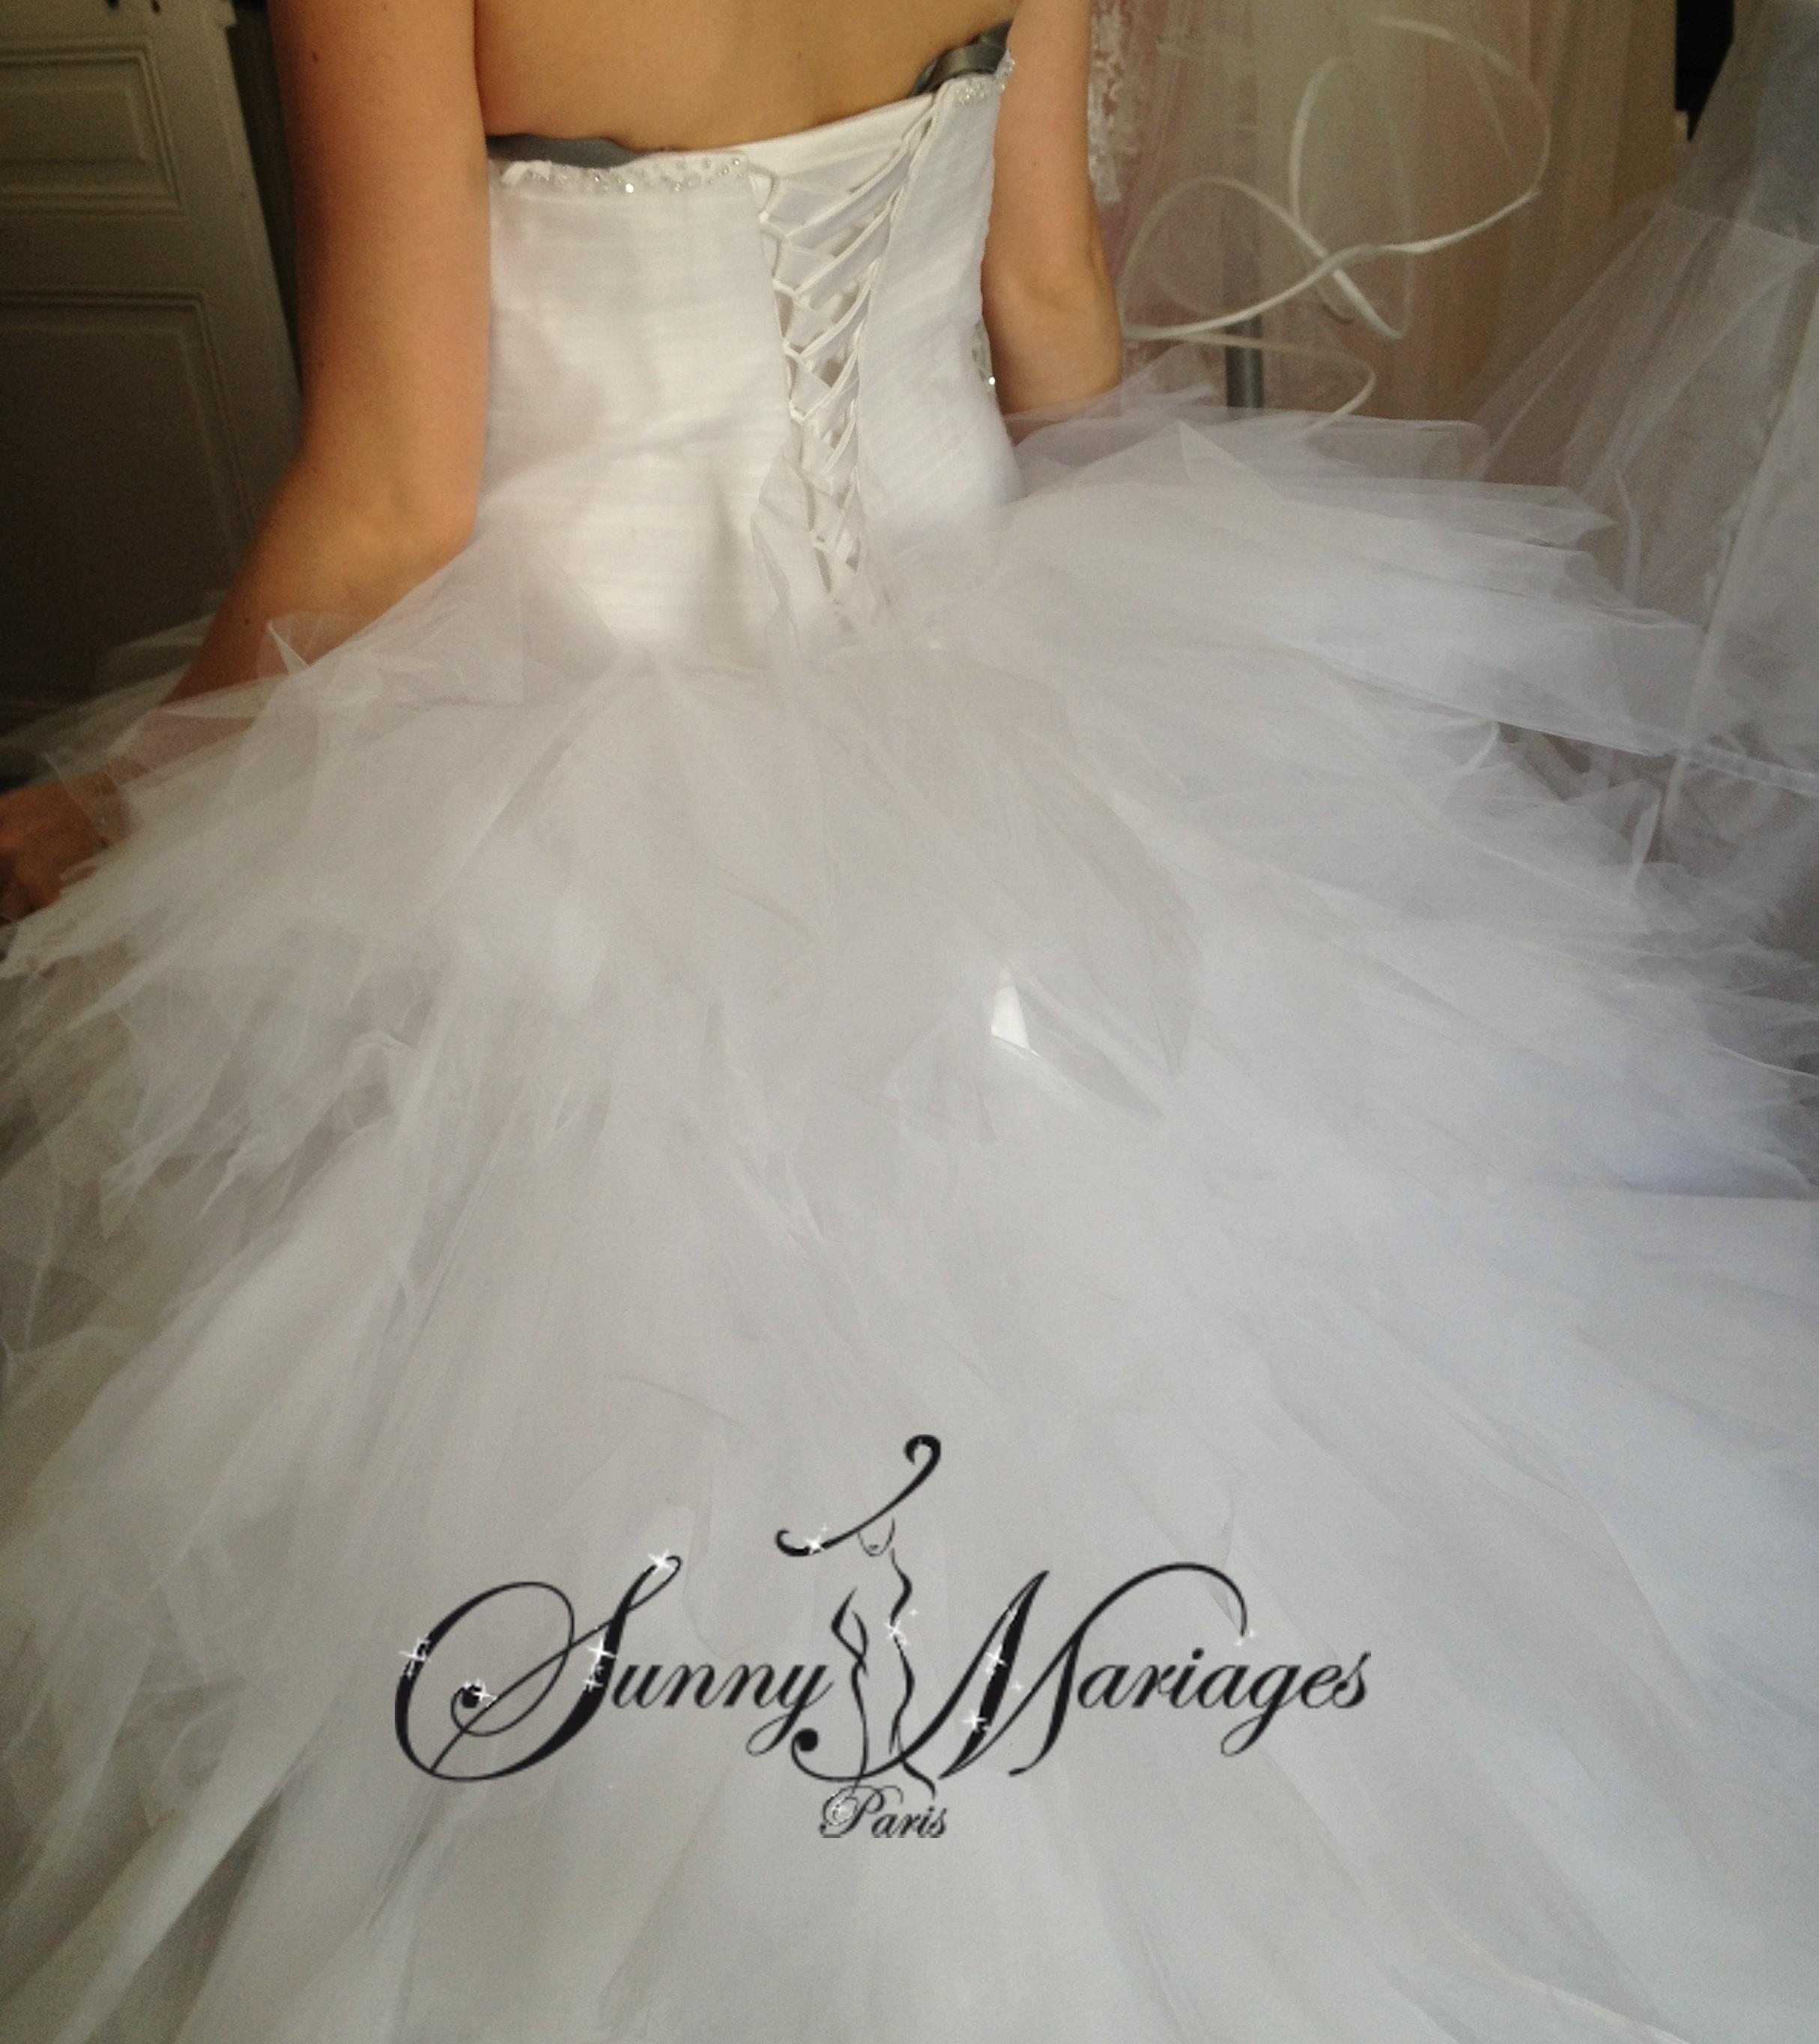 ... robe de mariee princesse, robe de mariee pas cher, robe de mariee (3